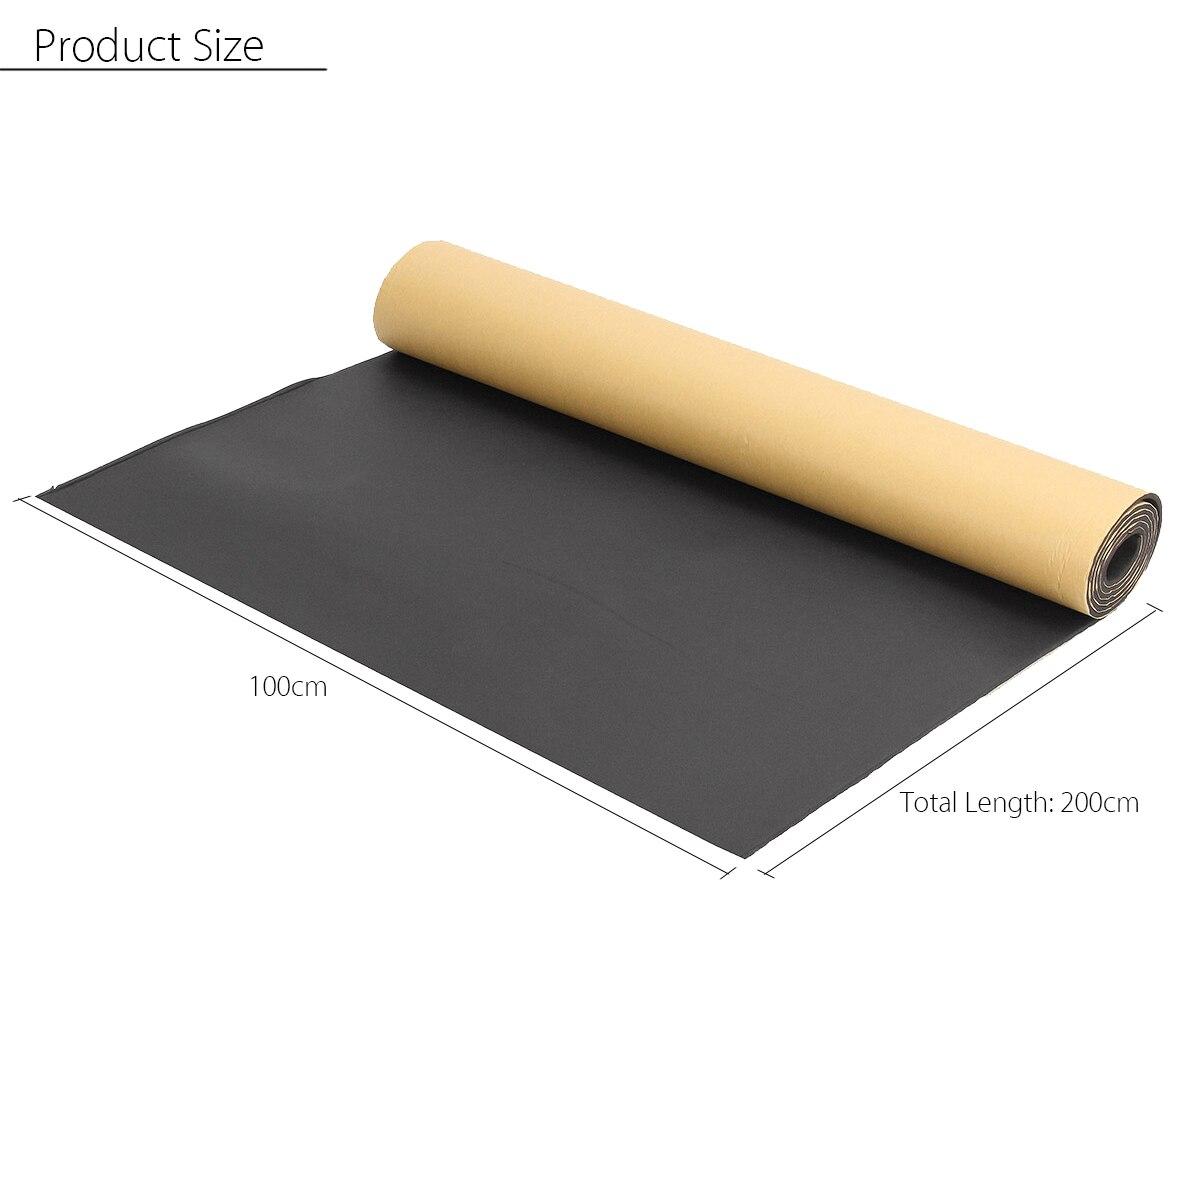 200x100cm Auto isolation thermique acoustique coton Automobiles voiture insonorisé insonorisant isolation mousse tapis intérieur accessoires